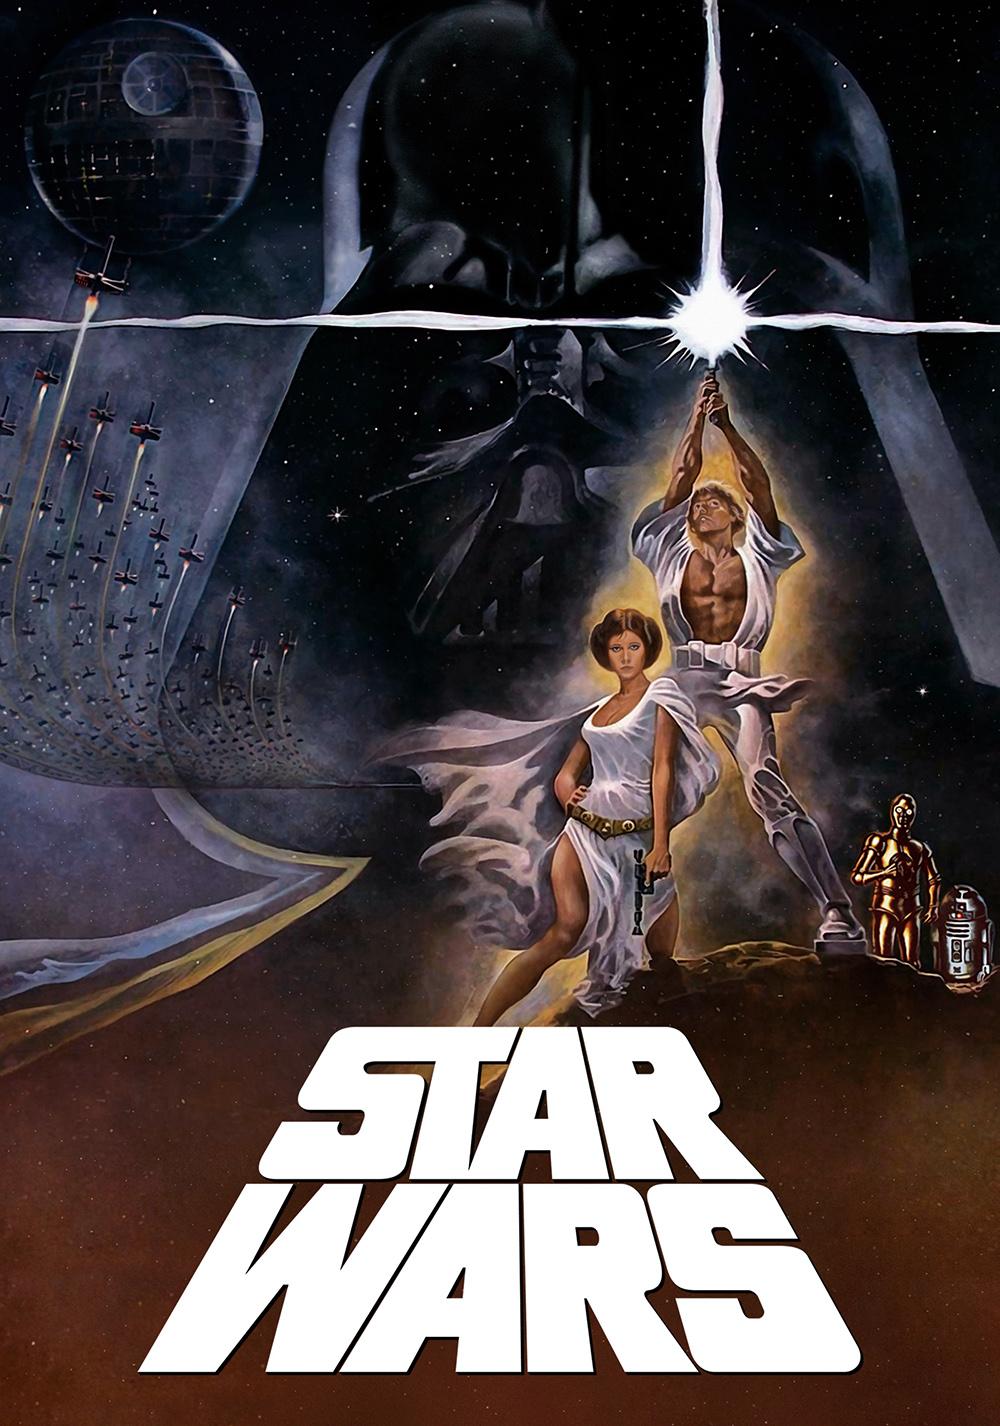 Star wars iv movie download